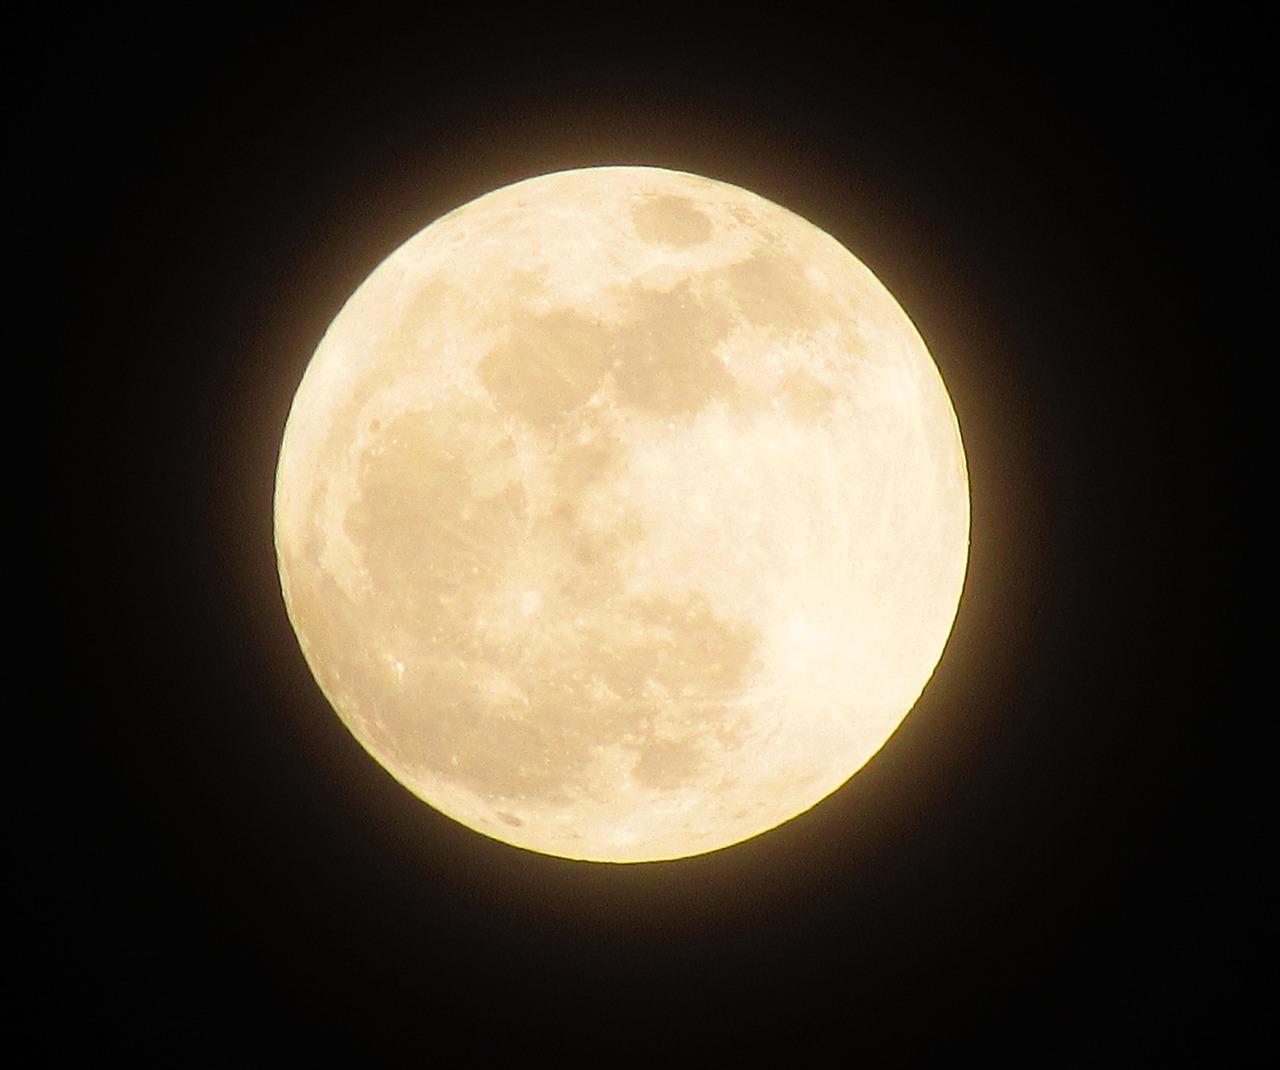 【8月の瞑想会〜11日新月/27日満月】お金・仕事・自分らしい生き方-願いを叶える瞑想会